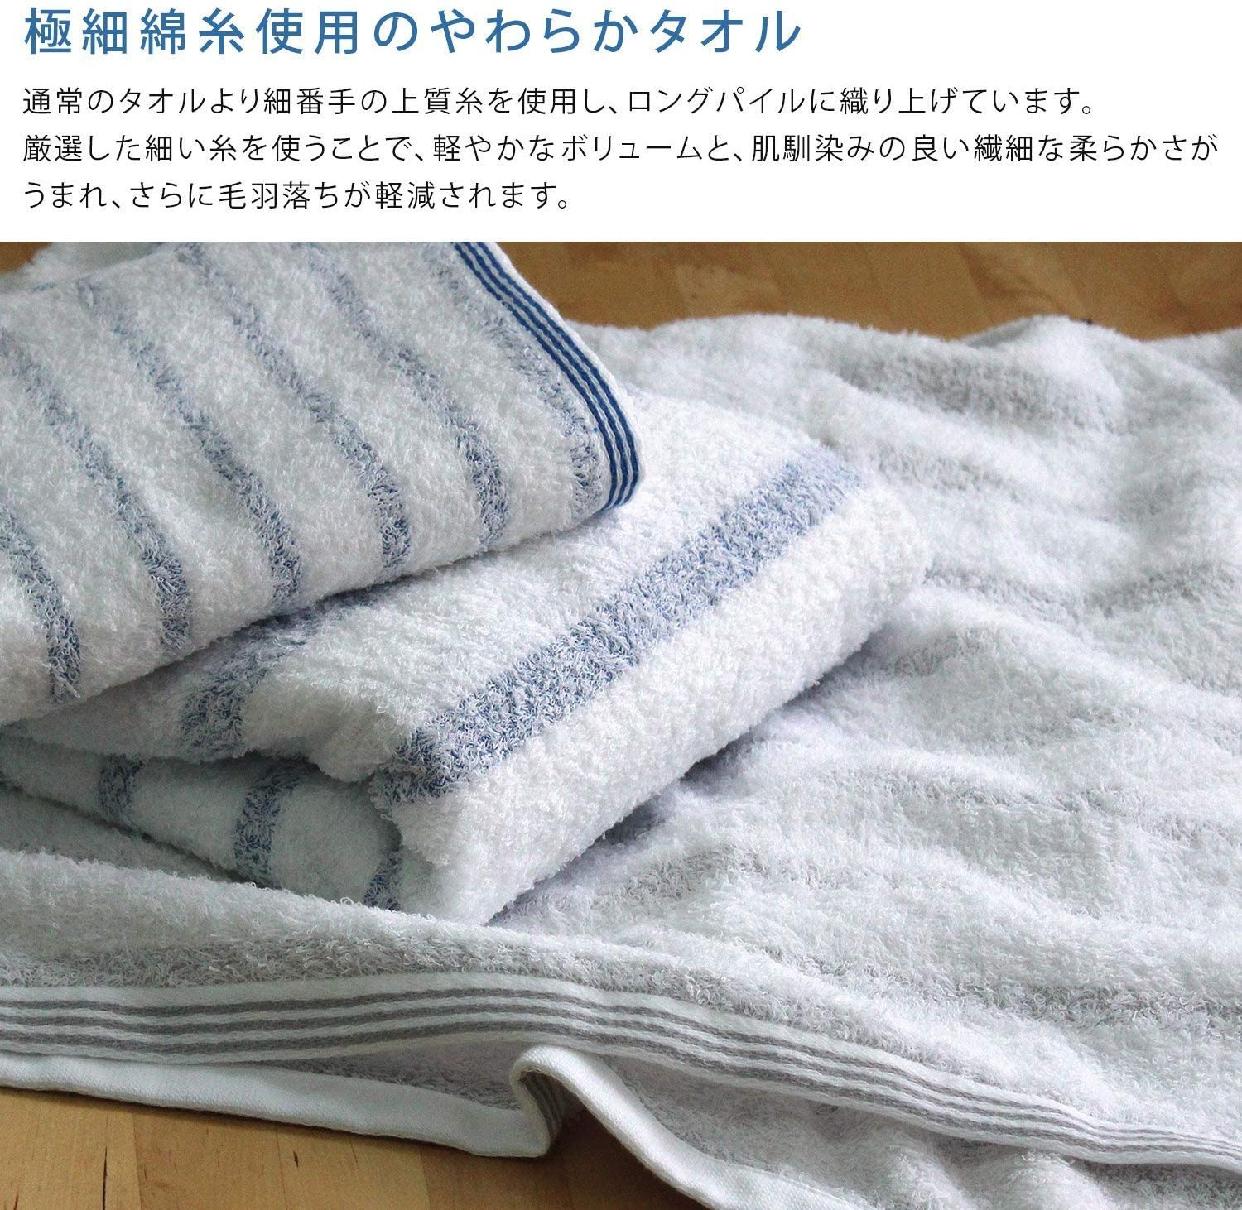 hiorie(ヒオリエ) 今治タオル ボーダーバスタオルの商品画像5